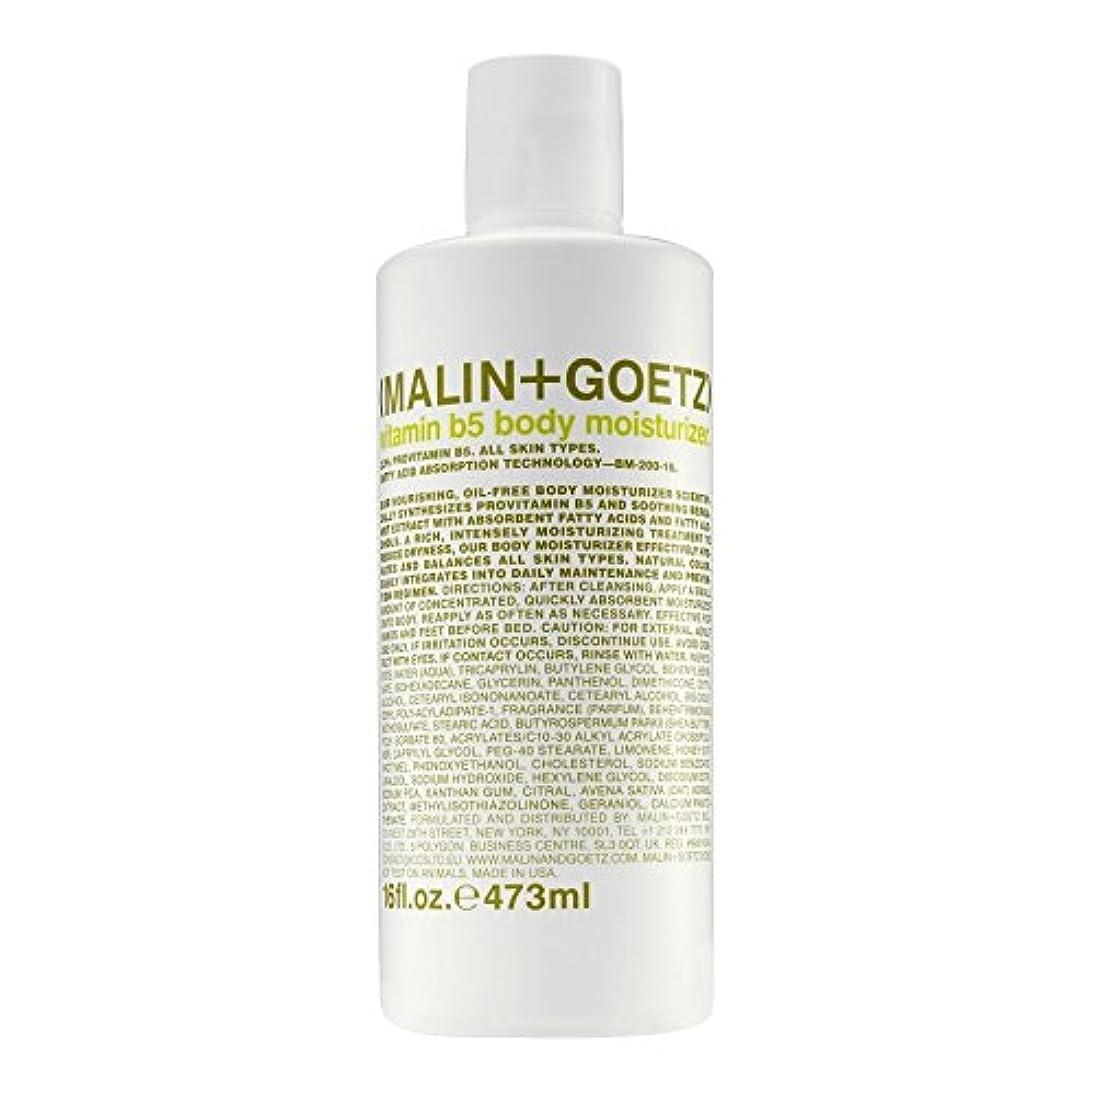 葉を拾う造船潜在的なマリン+ゲッツビタミン5ボディモイスチャライザーの473ミリリットル x4 - MALIN+GOETZ Vitamin B5 Body Moisturiser 473ml (Pack of 4) [並行輸入品]